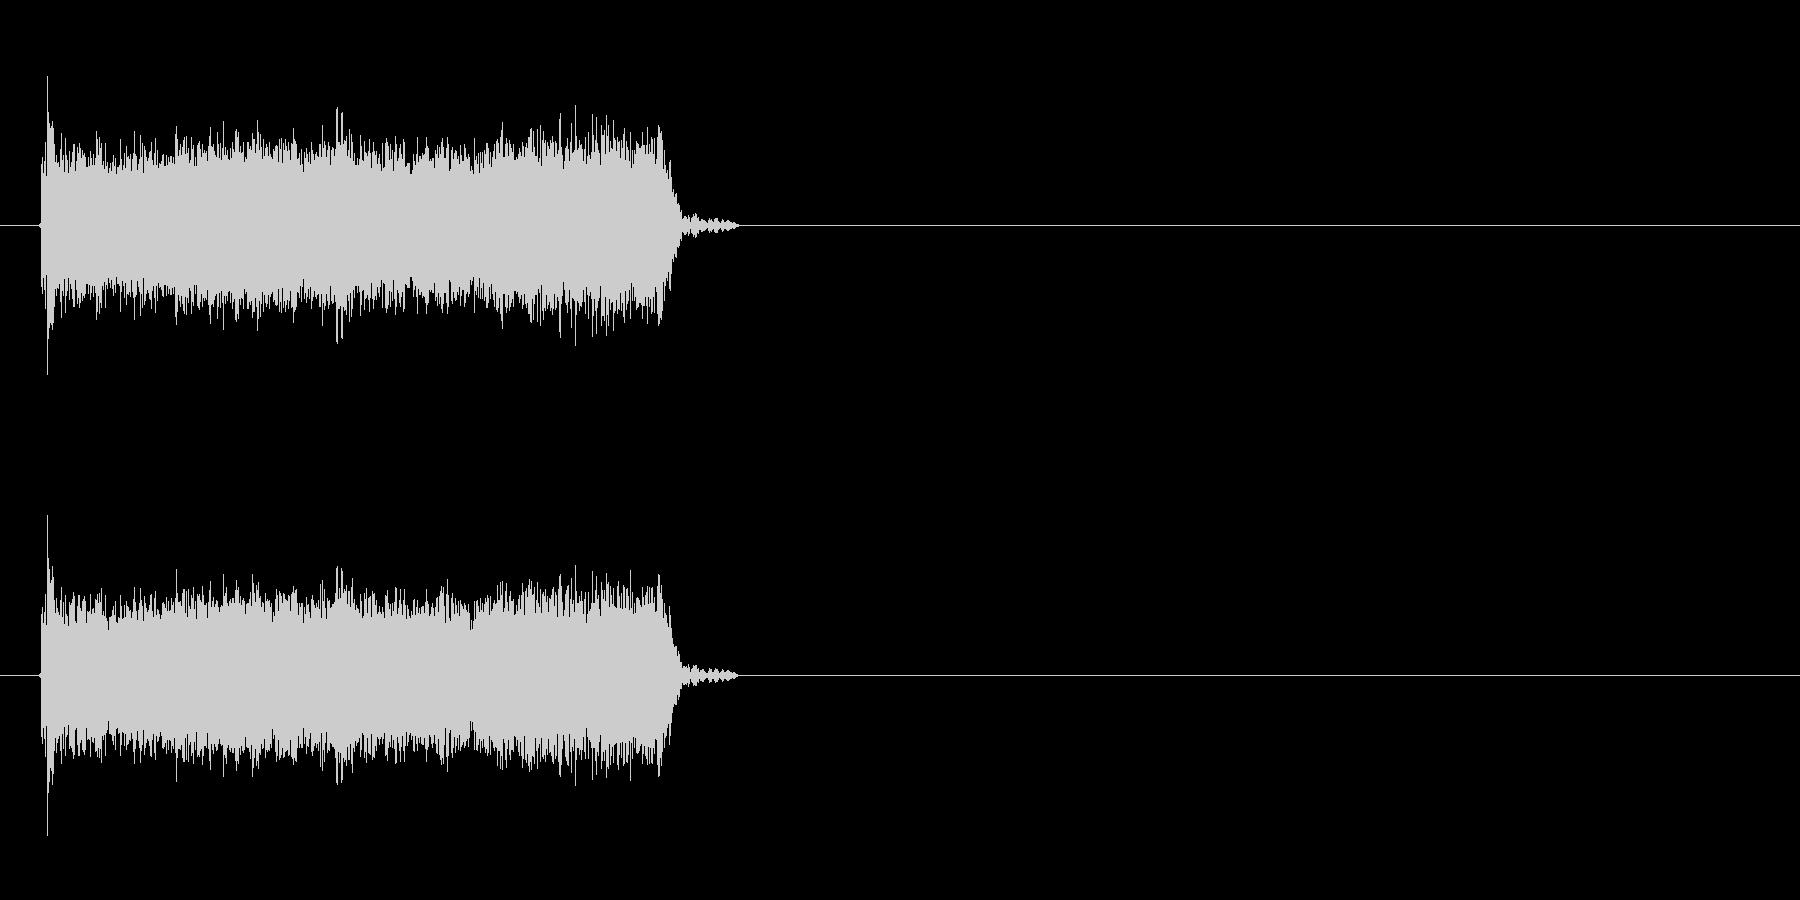 ロック曲等に使えるエレキギター効果音3の未再生の波形